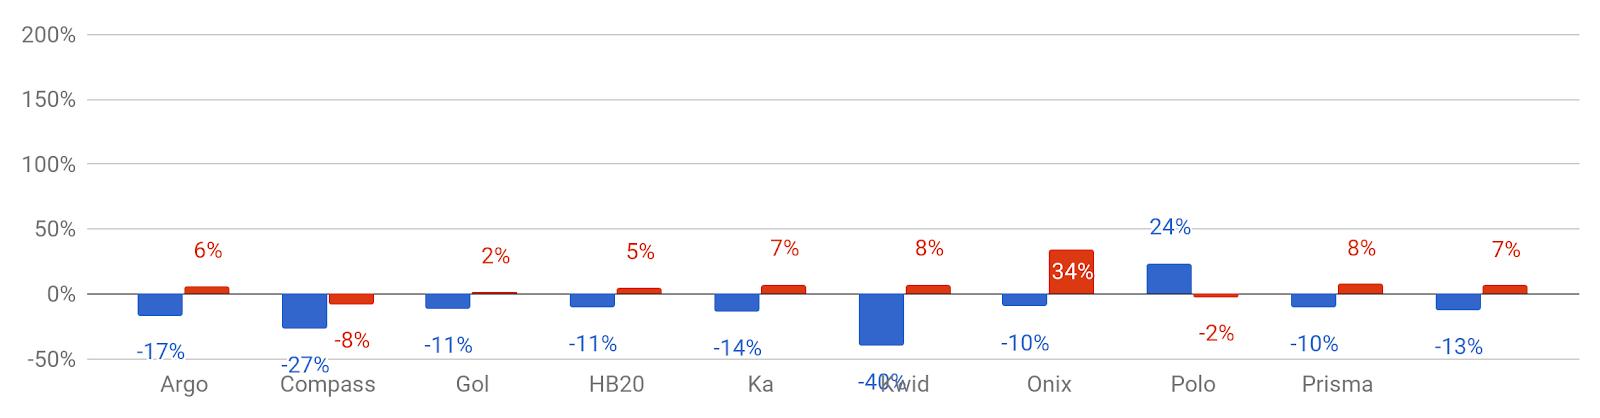 *Variação do preço médio do seguro dos modelos que se repetem entre setembro e outubro (azul: homens; vermelho: mulheres)